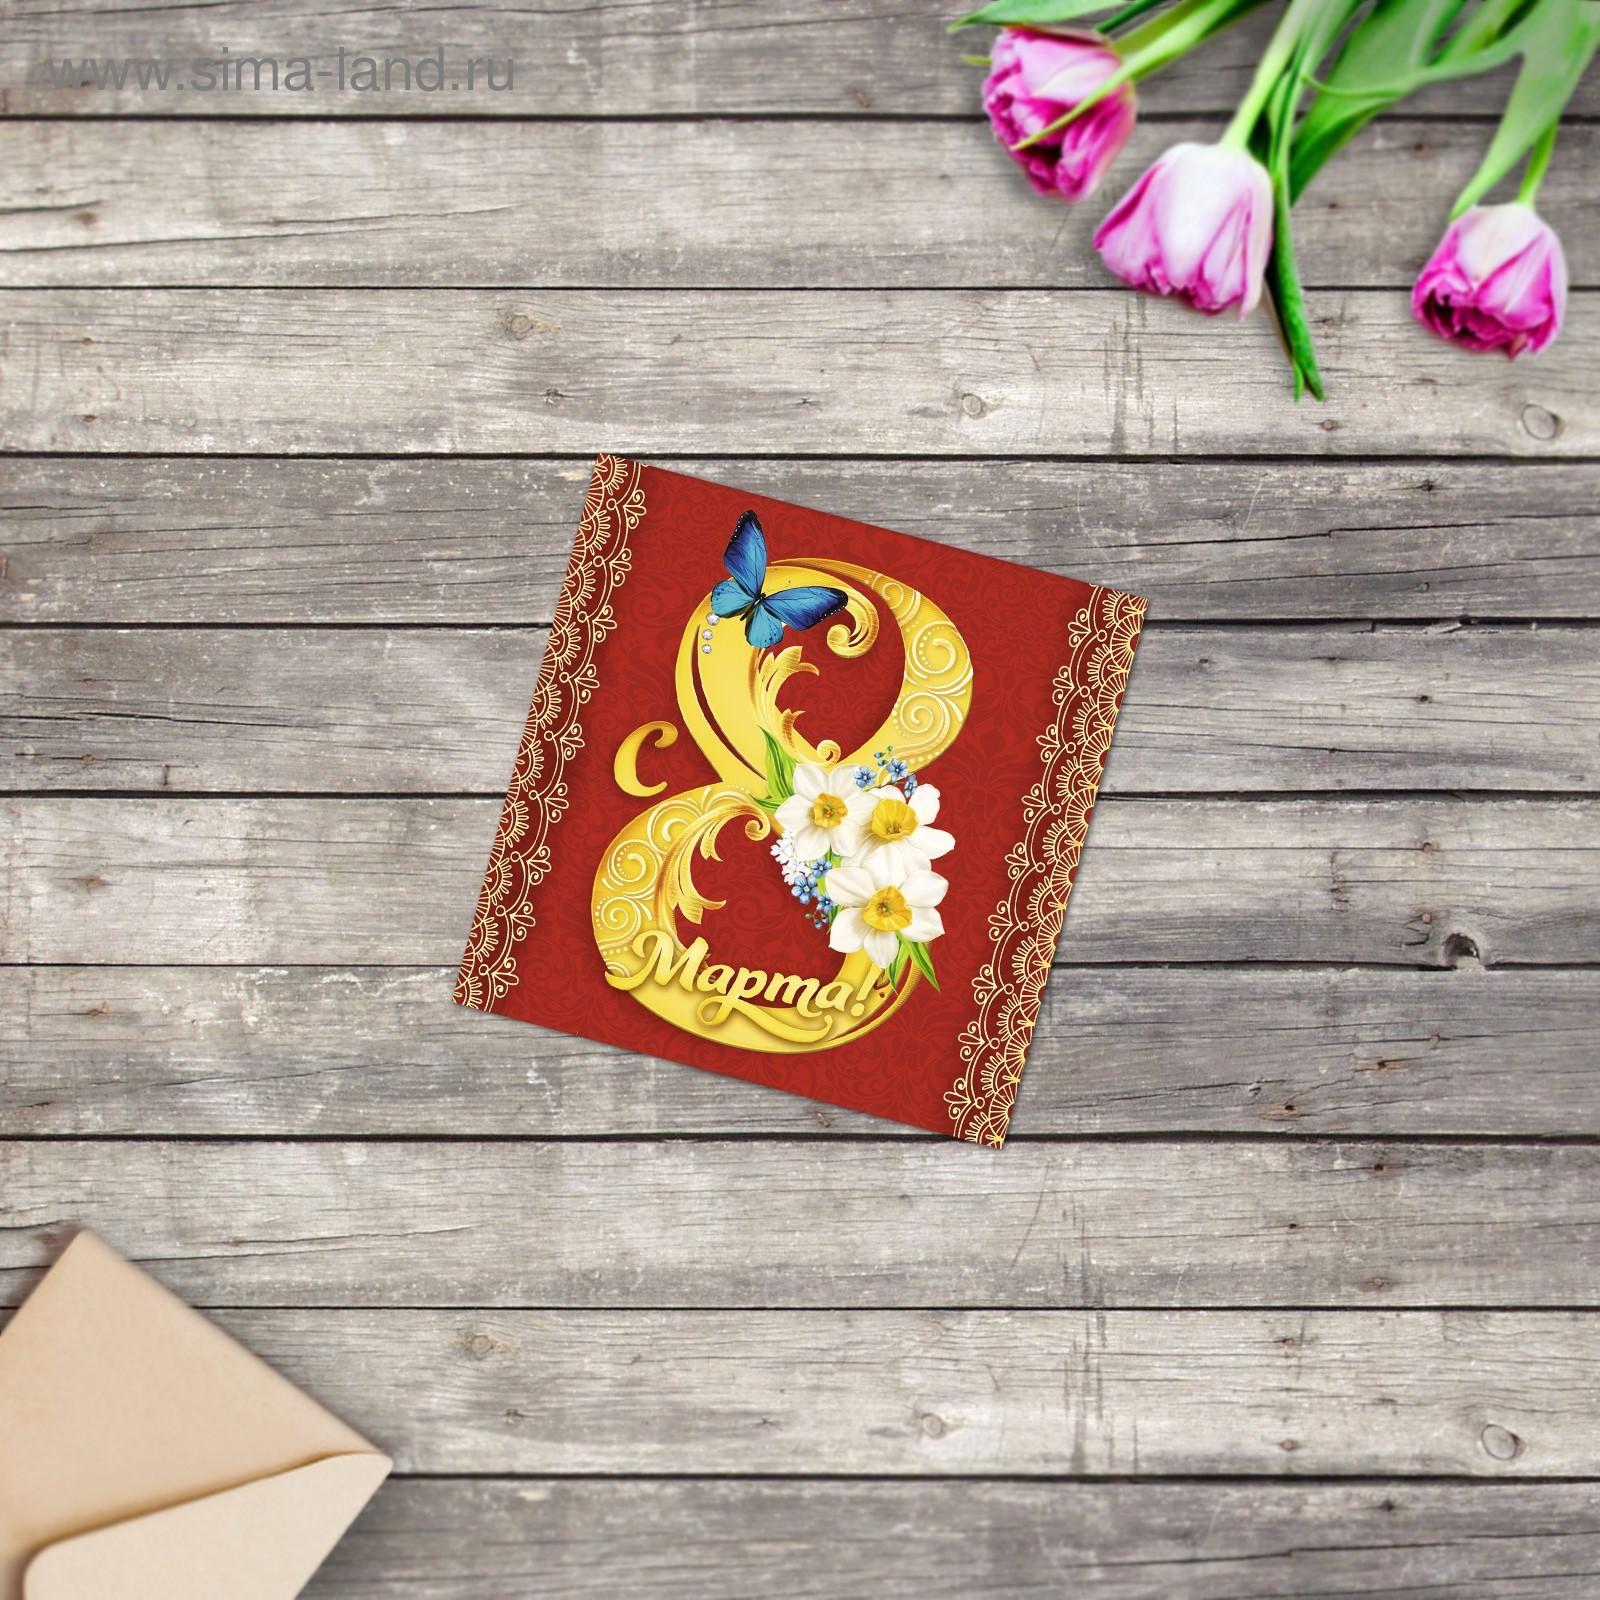 Открытки мини 8 марта, открытки пожеланием